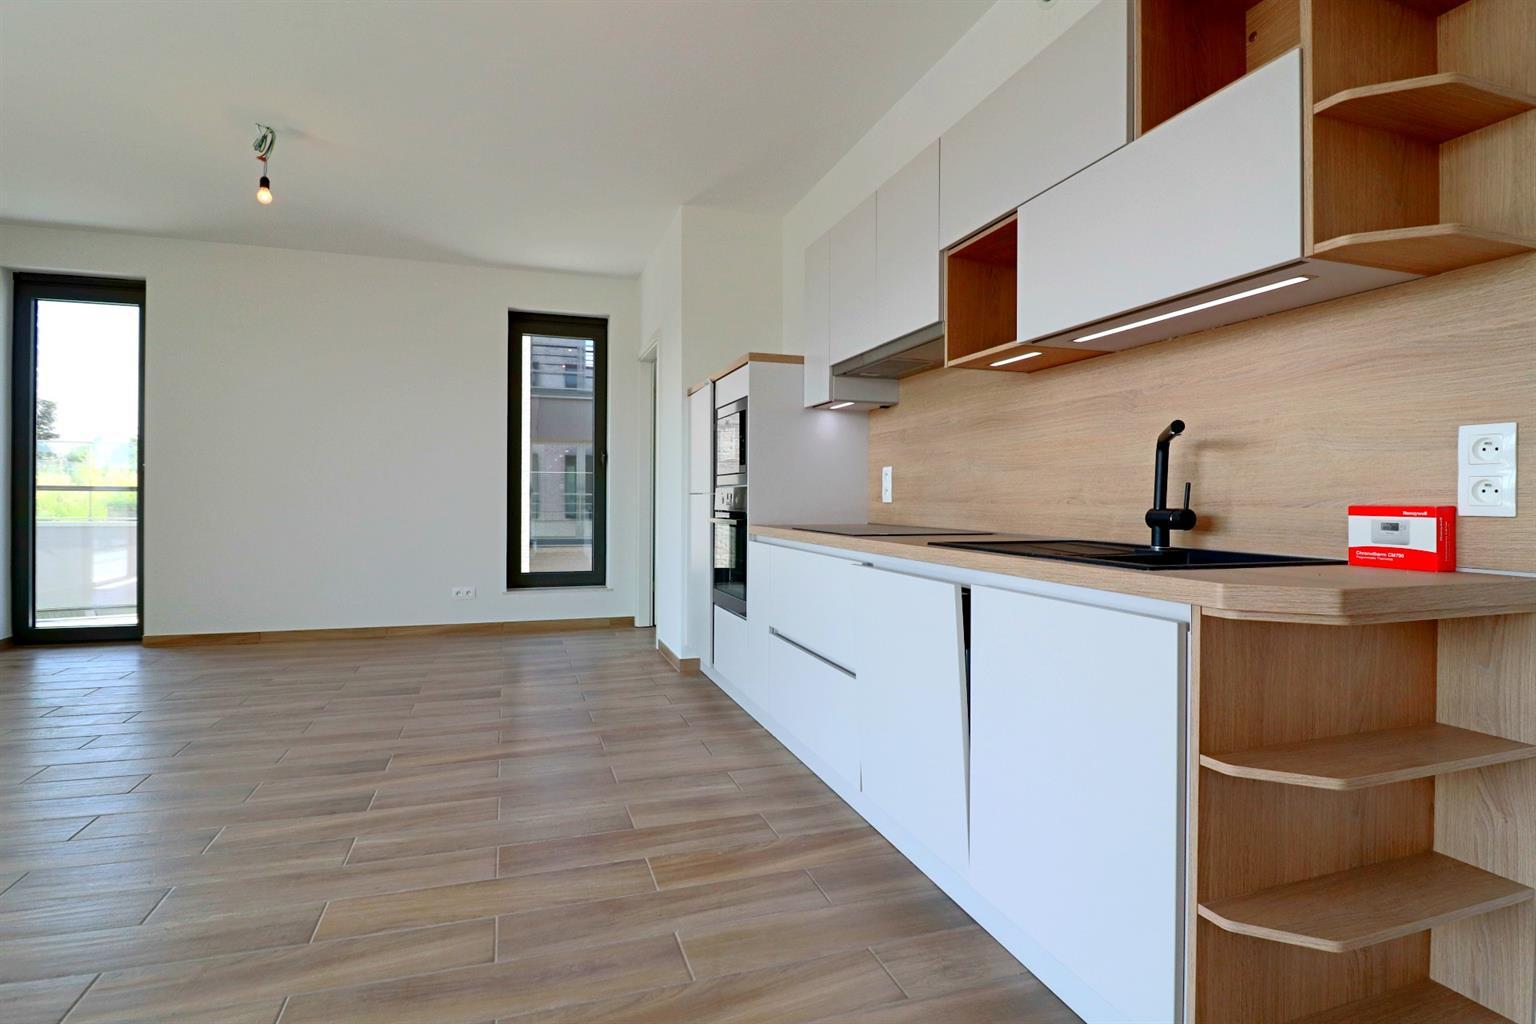 Appartement - Ottignies-Louvain-la-Neuve - #4406864-1